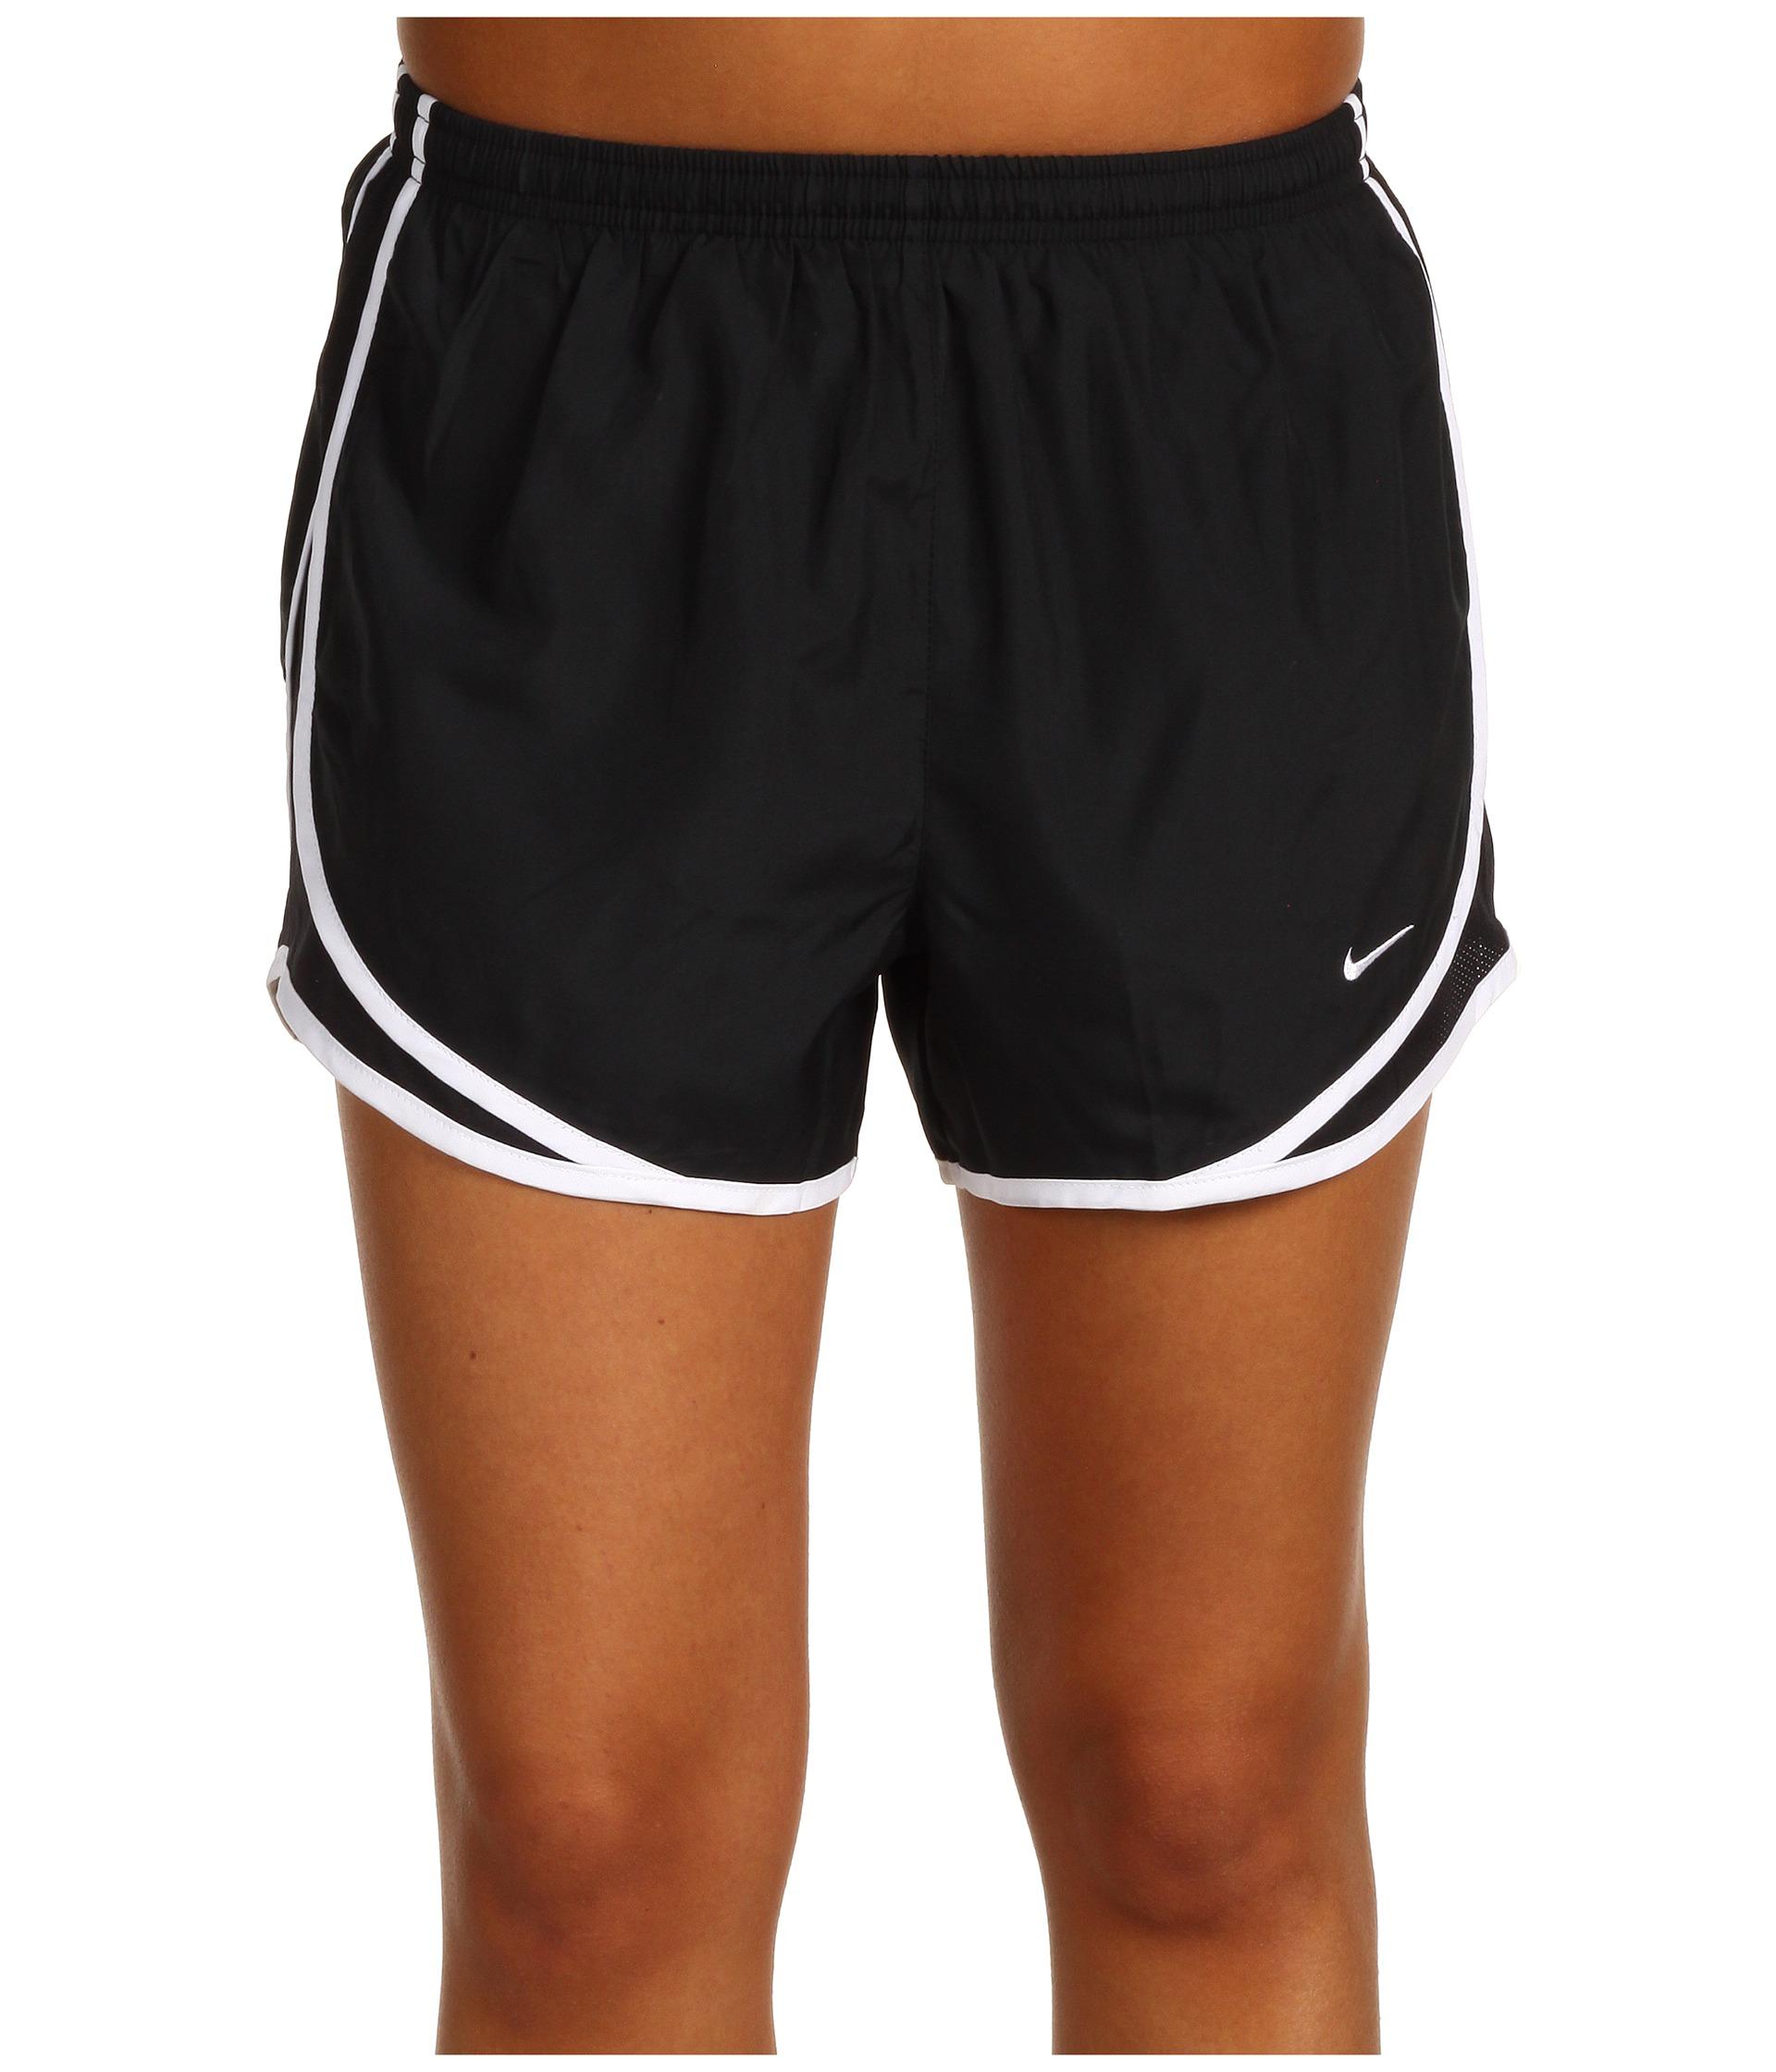 Nike Tempo Short Black Black White White | Shipped Free at ...